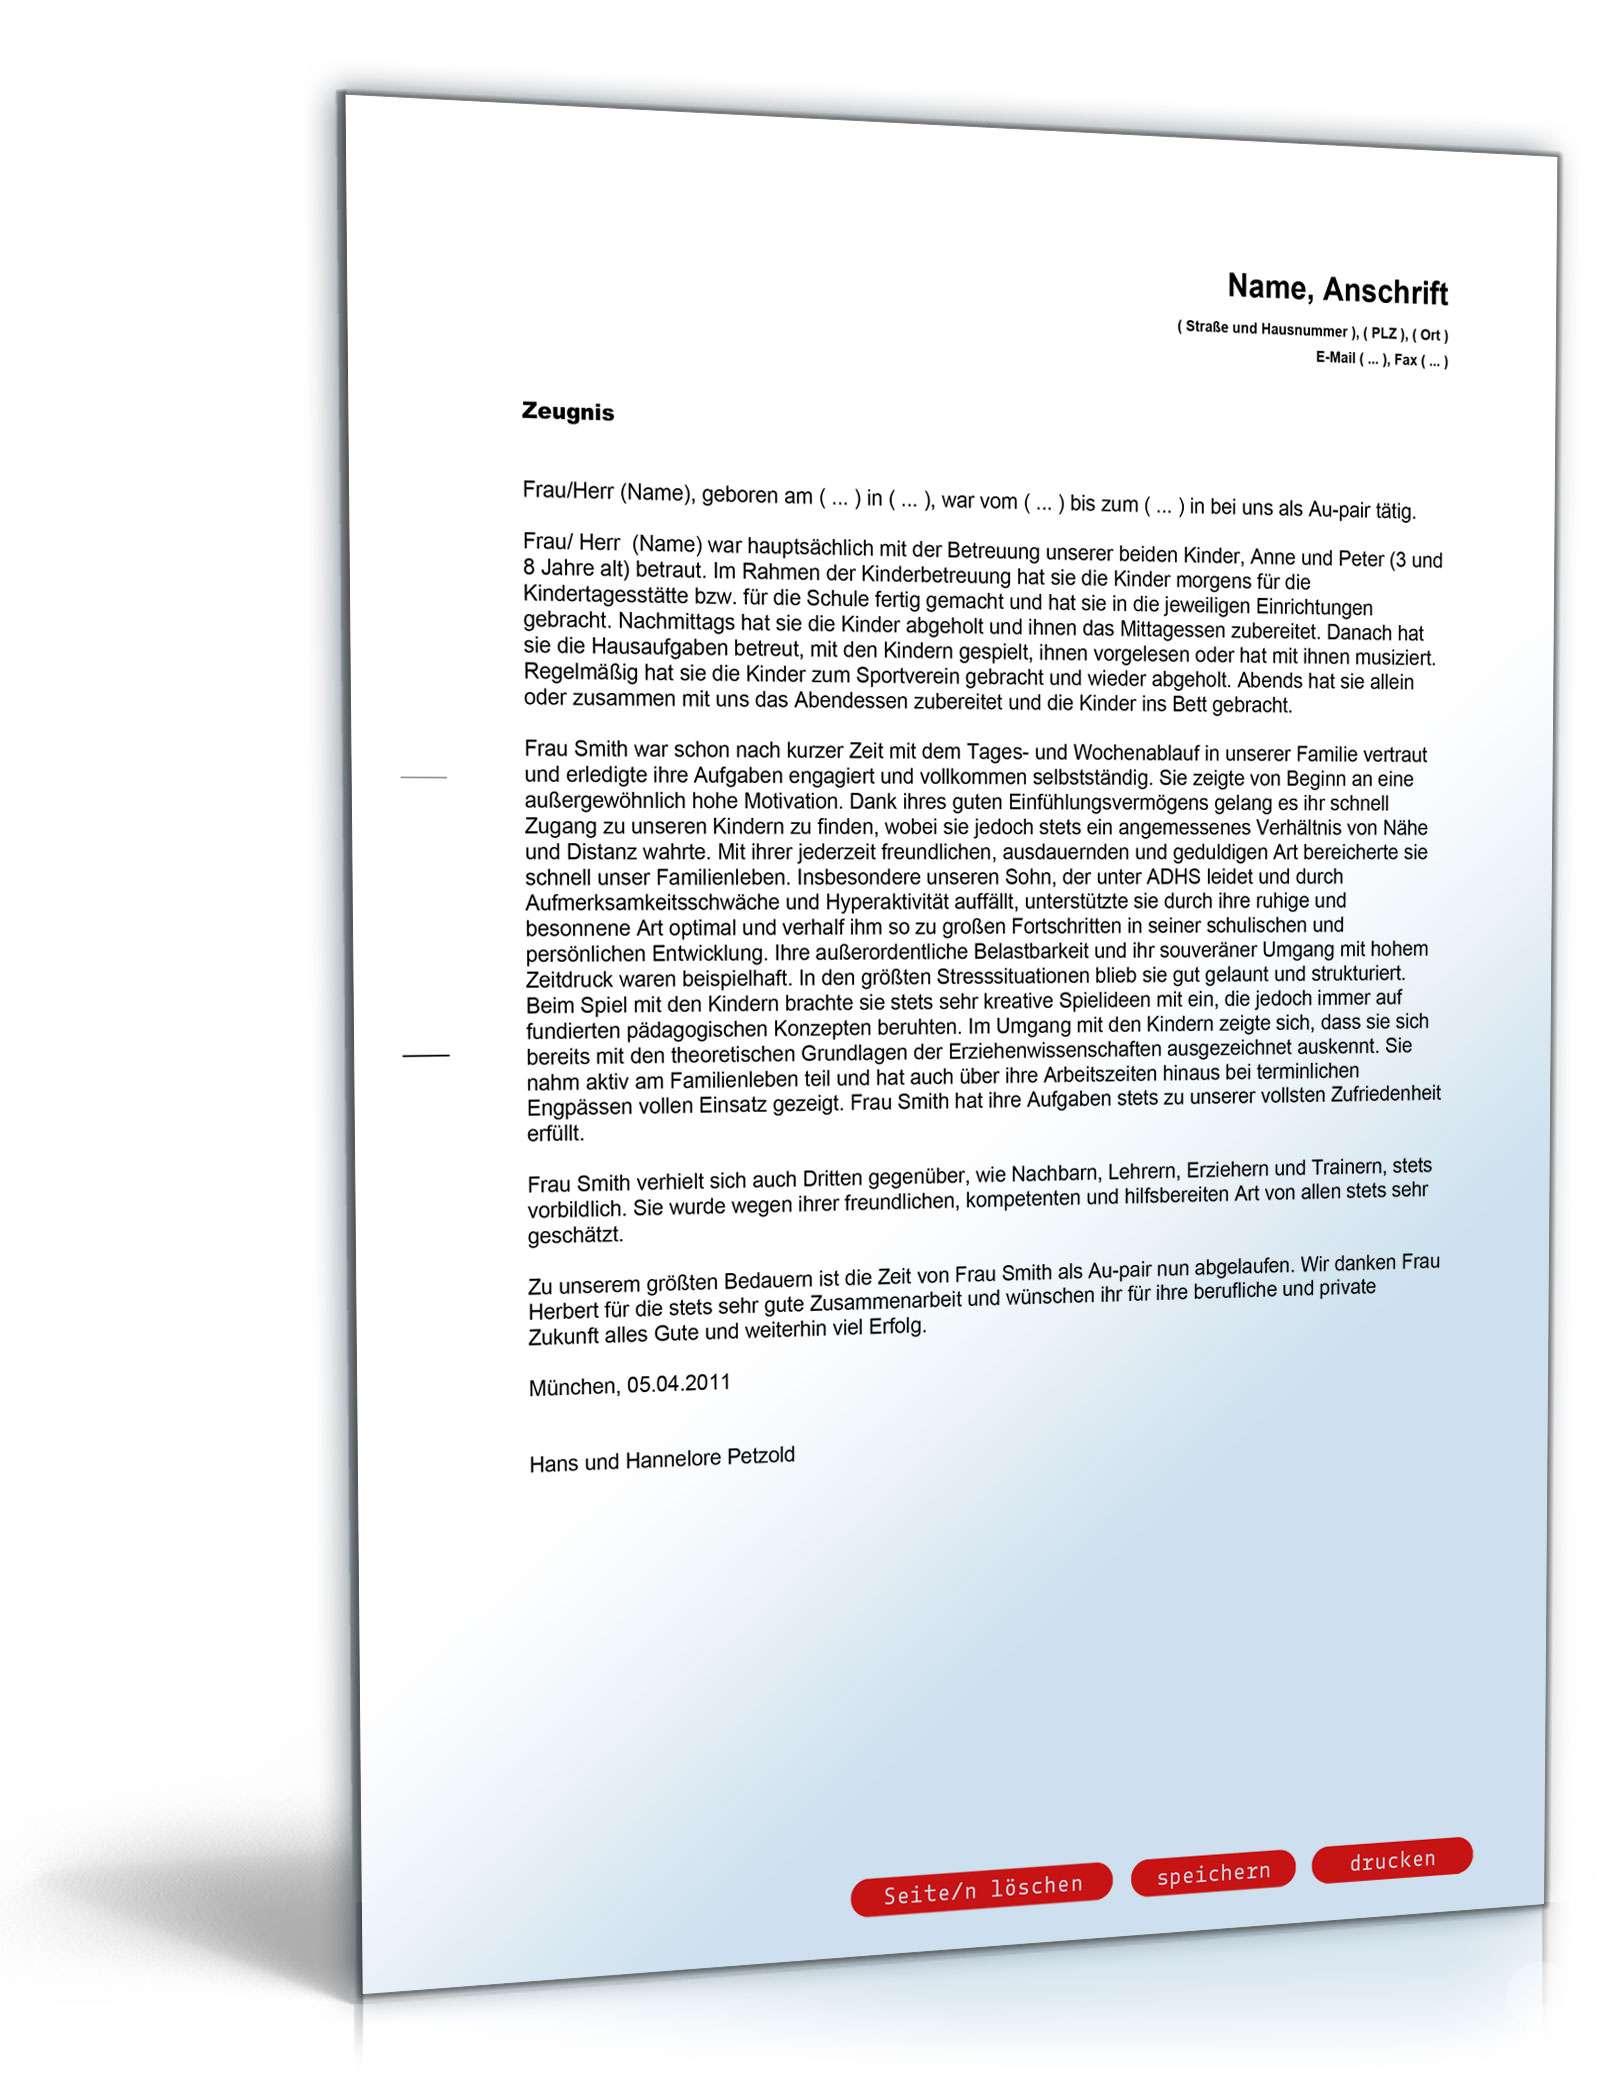 Zeugnis für Au-pair: Rechtssicheres Muster zum Download